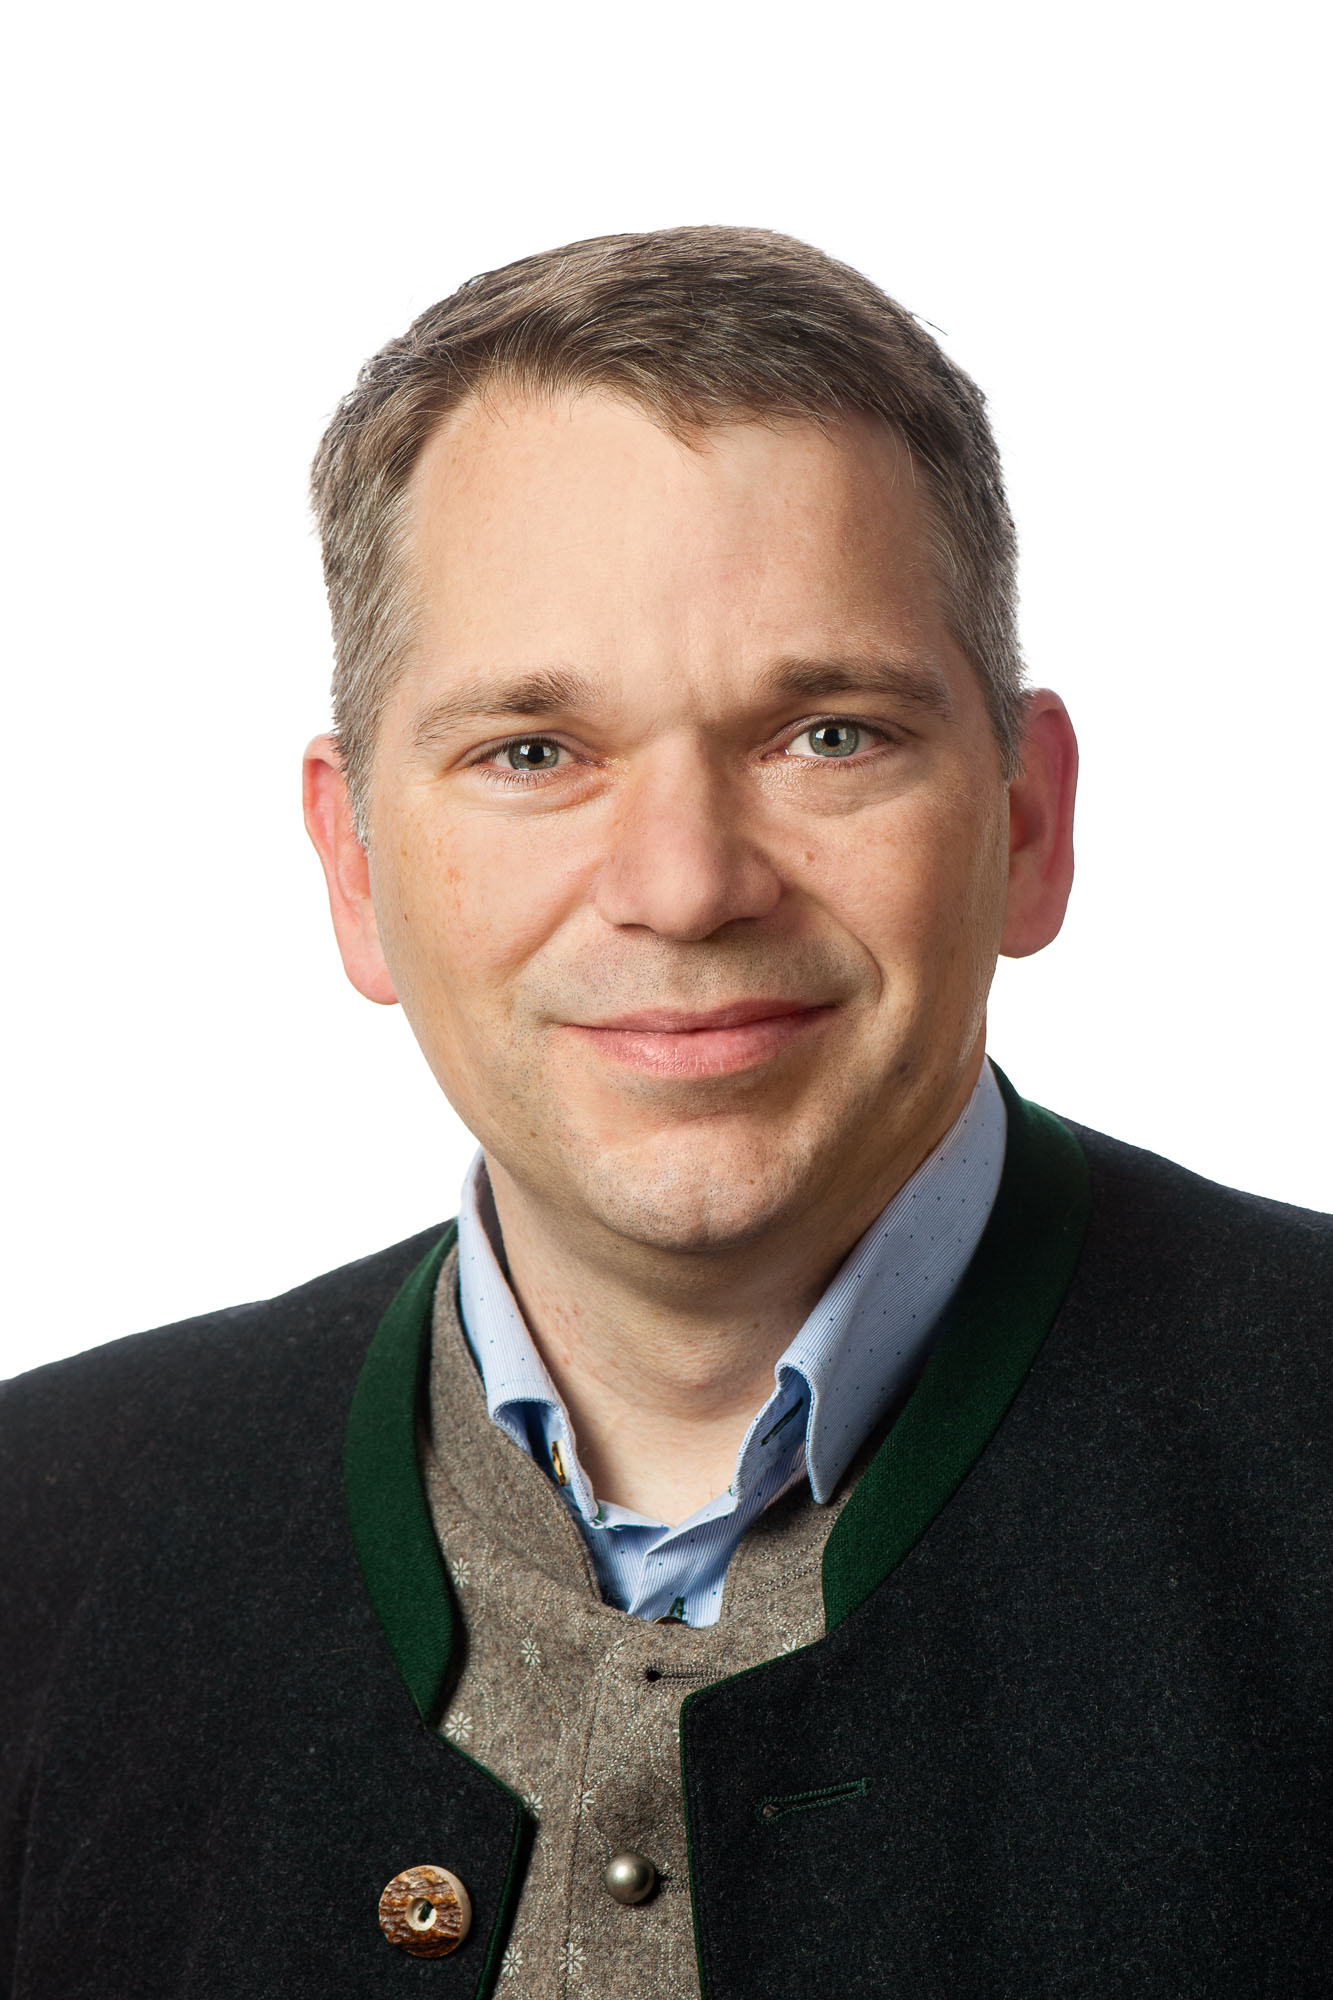 Dr. Mathias Jais